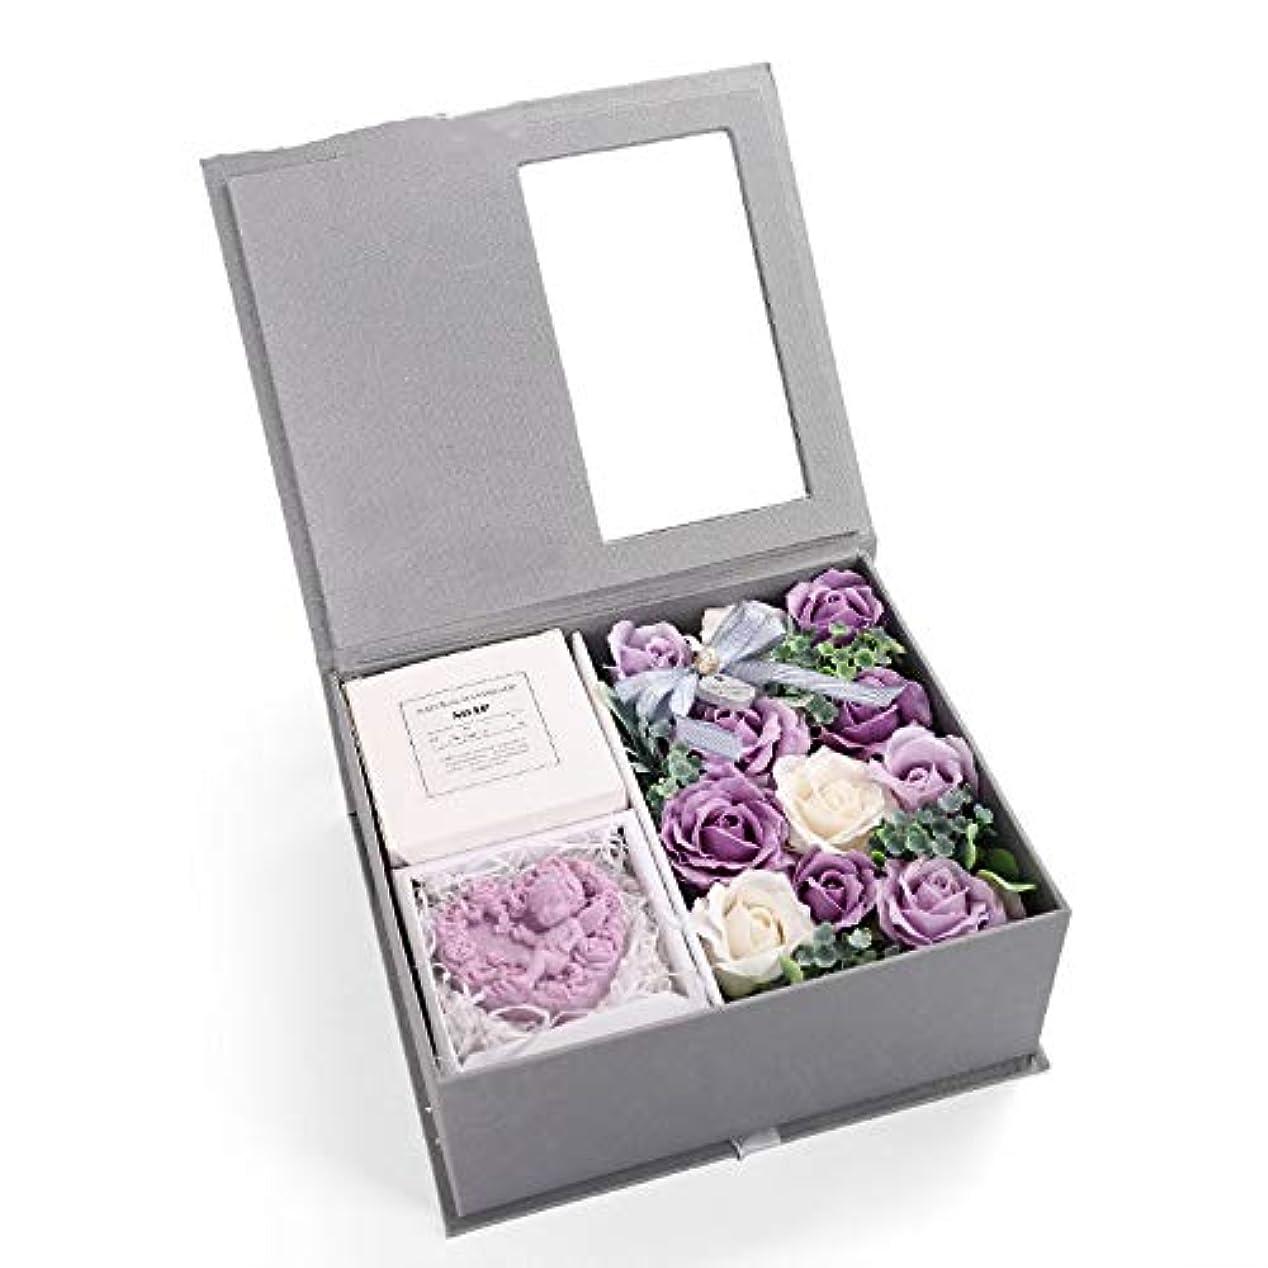 四回対応するナンセンス生地と花石鹸の花 バラの花バレンタインデーのためのエッセンシャルバス石鹸の花嫁の記念日誕生日母の日 (色 : 紫の)